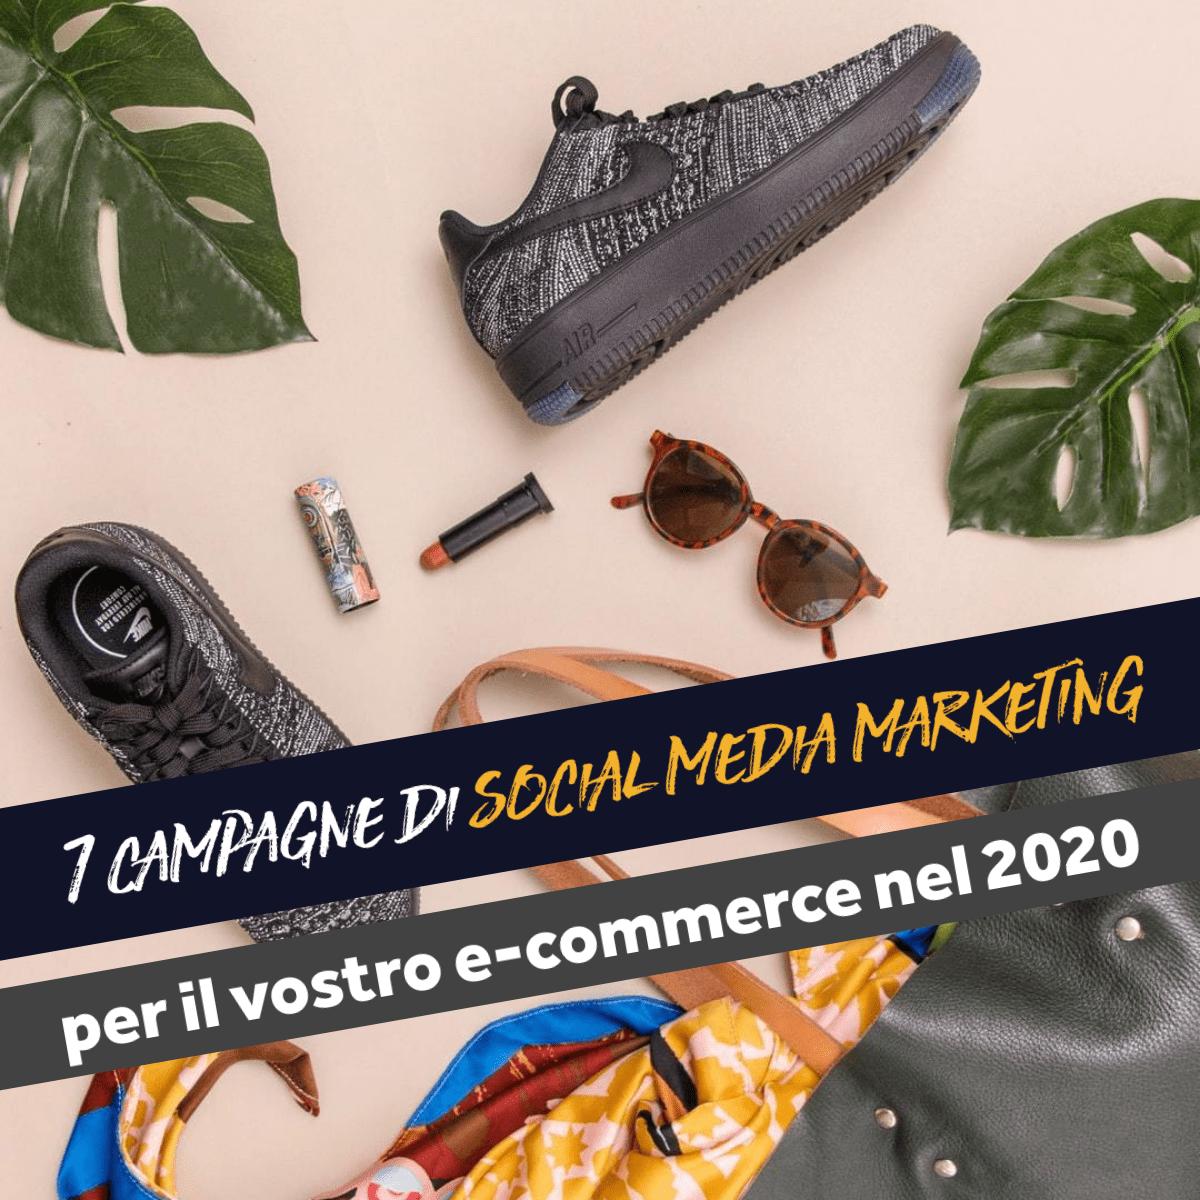 social-media-e-commerce post cover